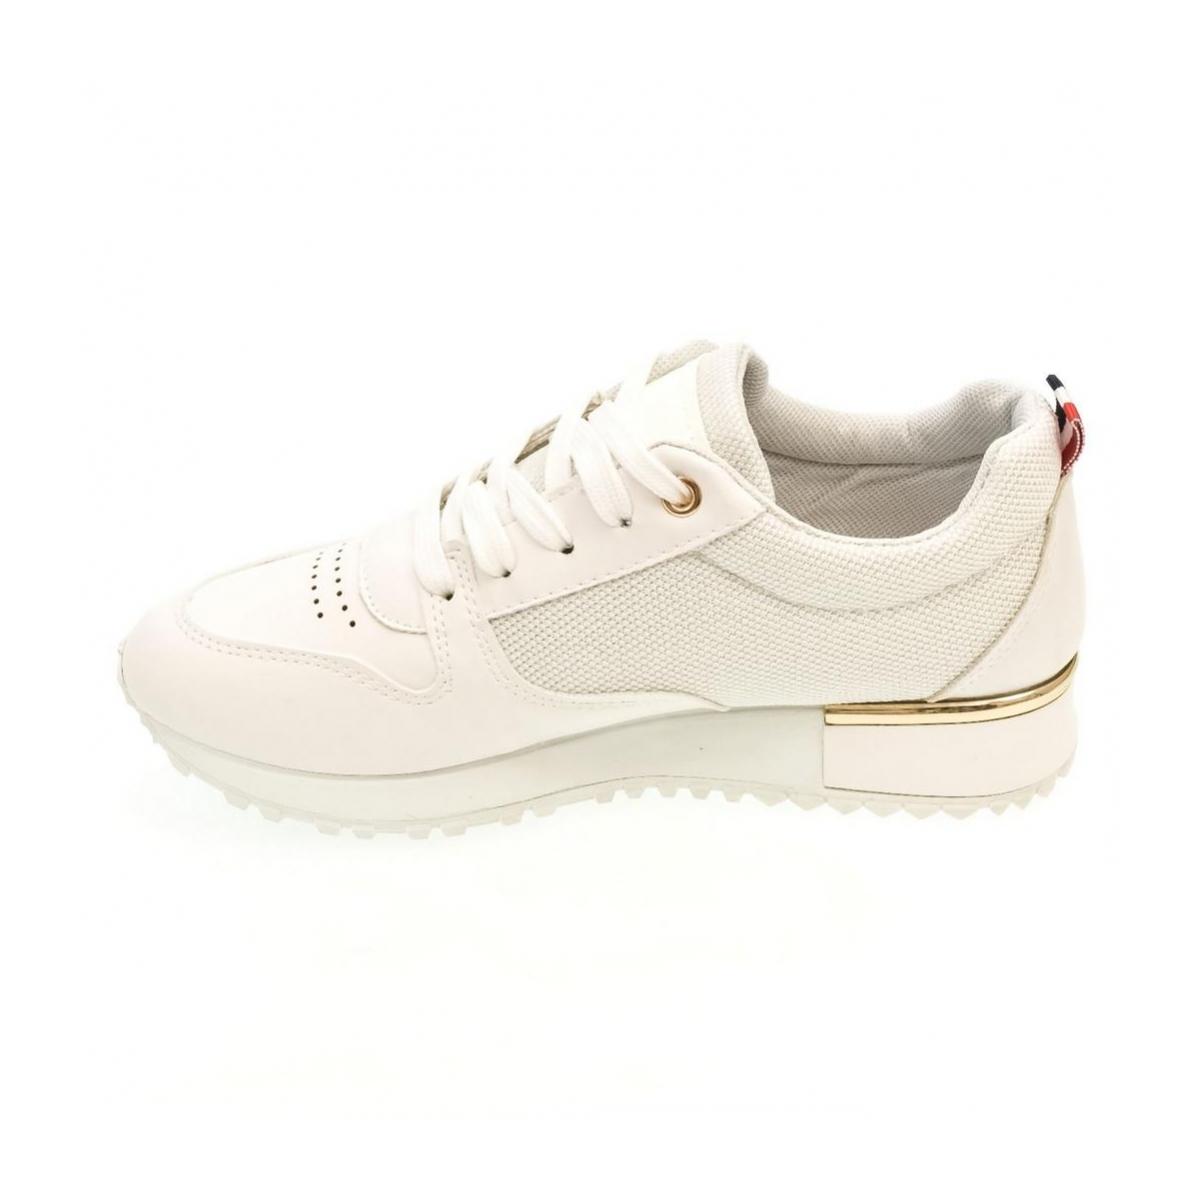 5a4e859ce703 Dámske biele tenisky DARLA - 5